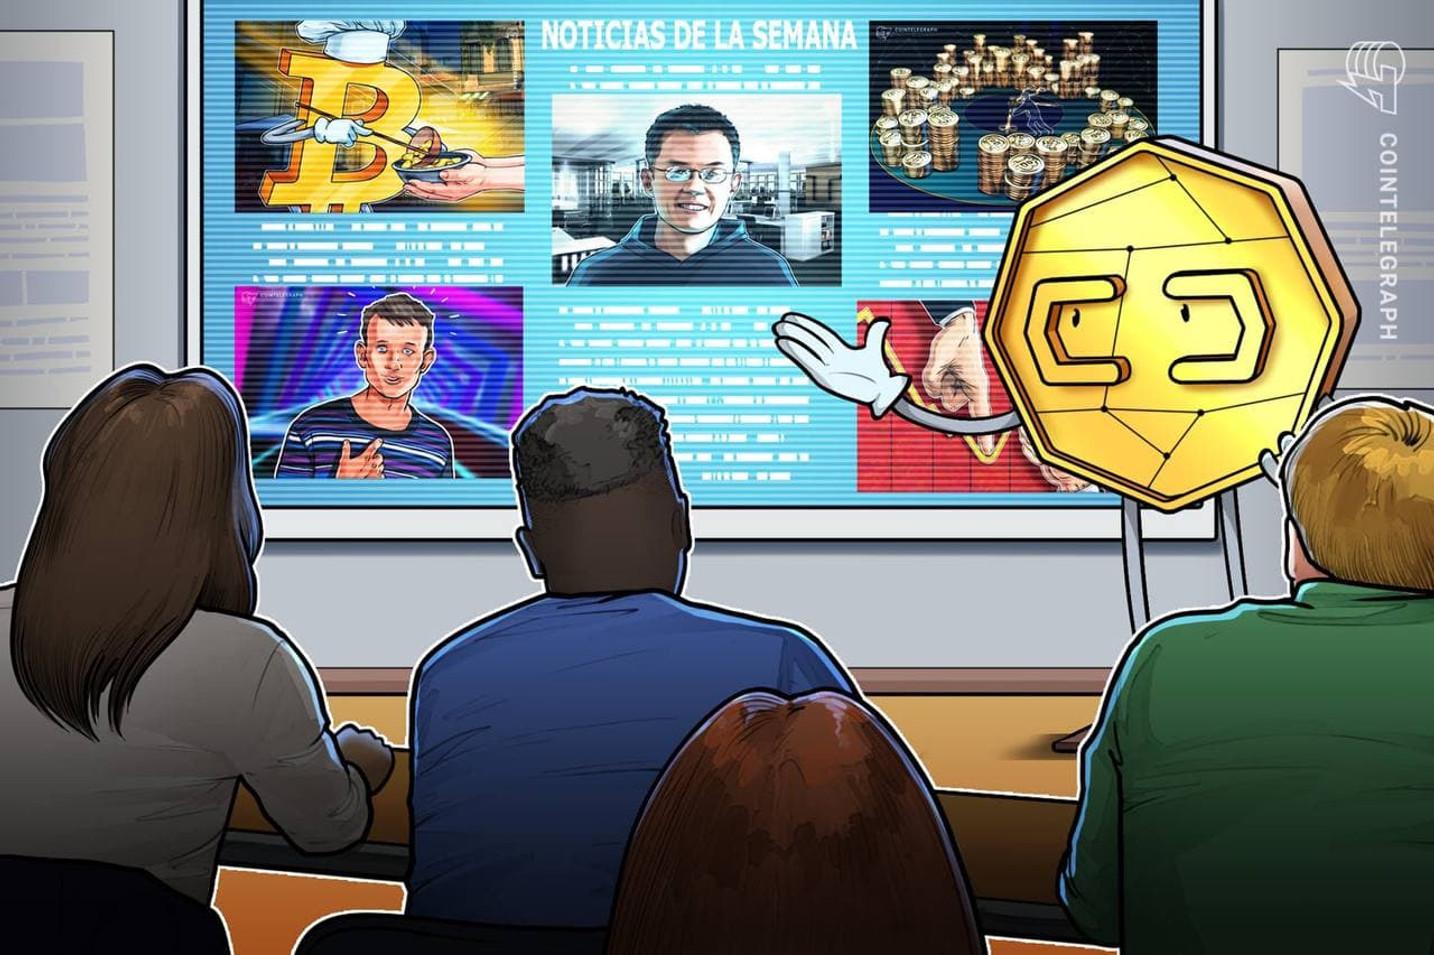 Top criptonoticias de la semana: Hiperbitcoinzación en 10 años, Vitalik Buterin ganando dinero con DogeCoin y mucho más